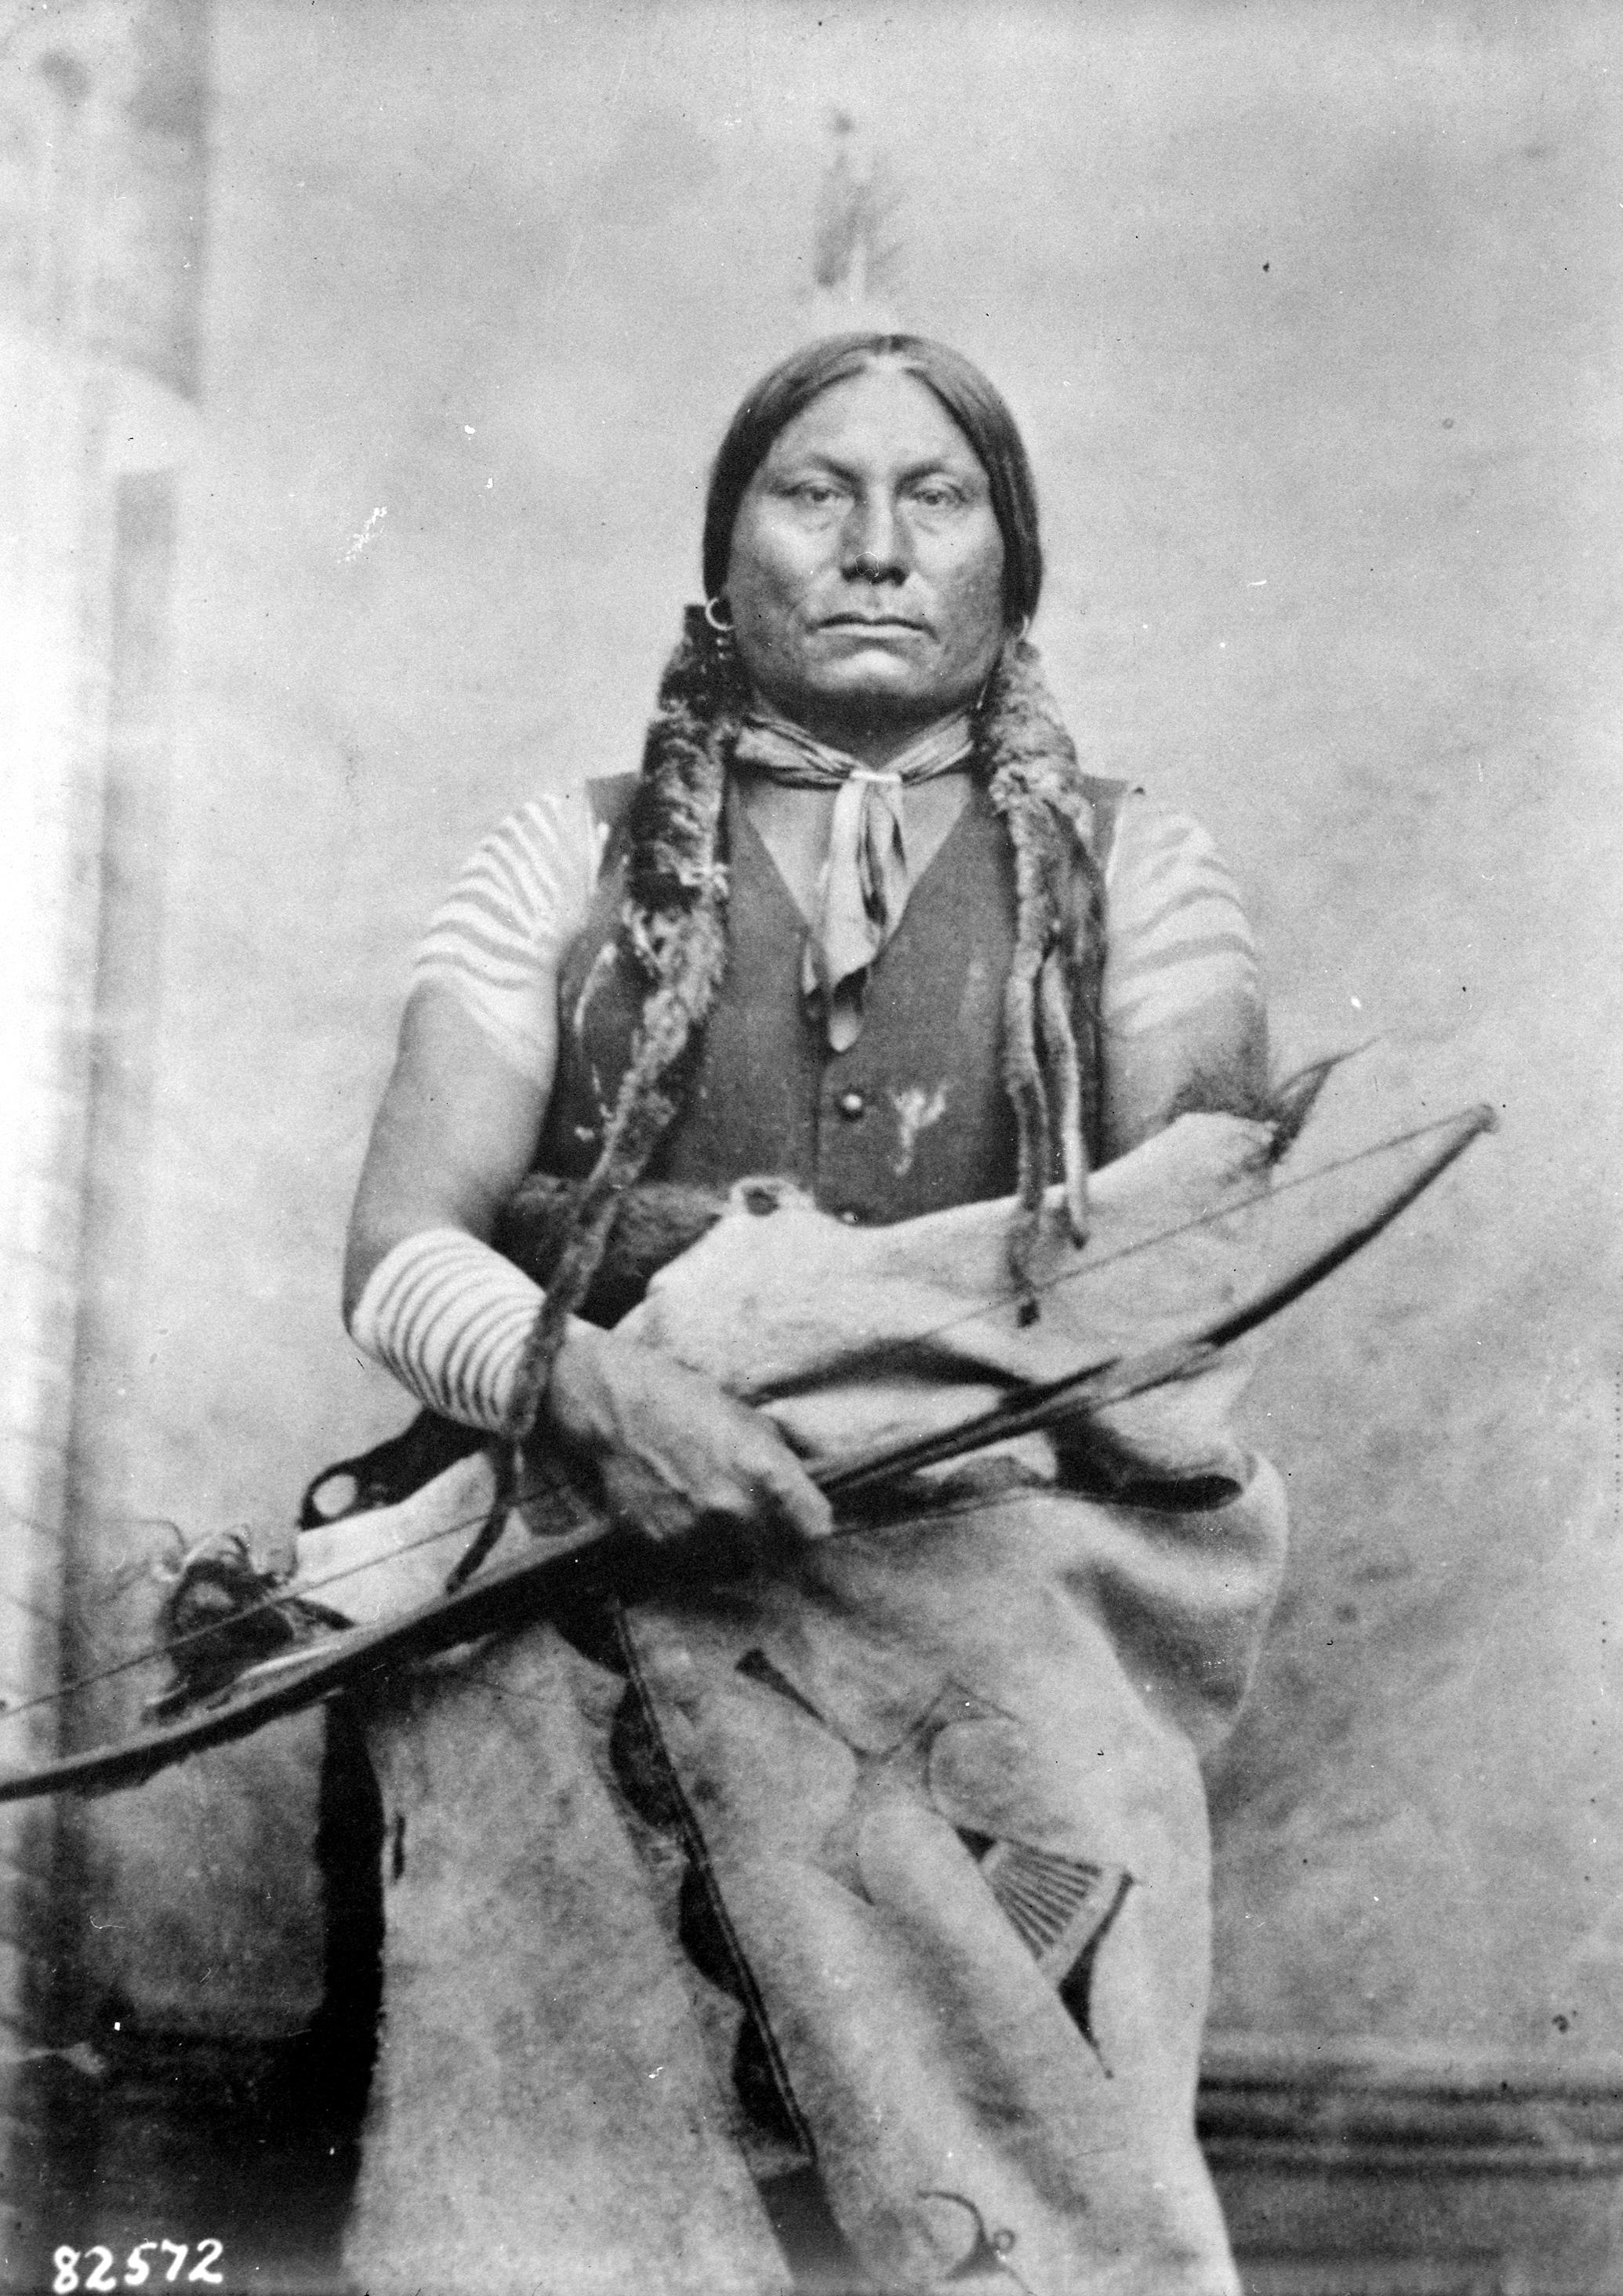 Pizi, Chief Gall, Hunkpapa Lakota